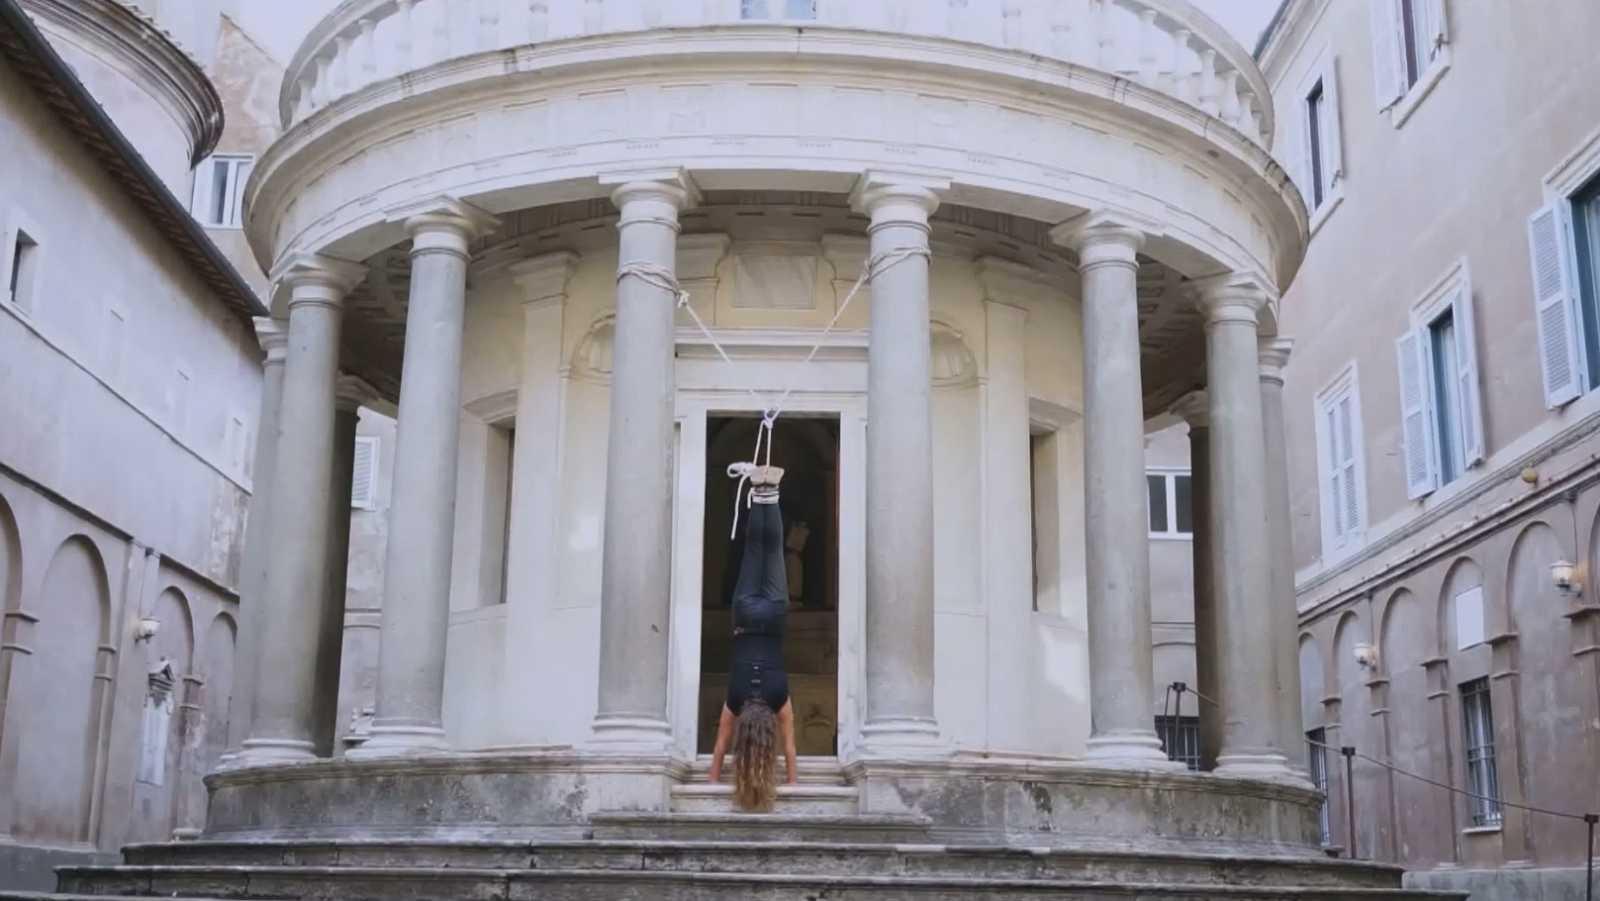 Hora América - 'La Gran Conspiración' y 'Reactivando Videografías', exposiciones virtuales de arte contemporáneo - 17/02/21 - escuchar ahora